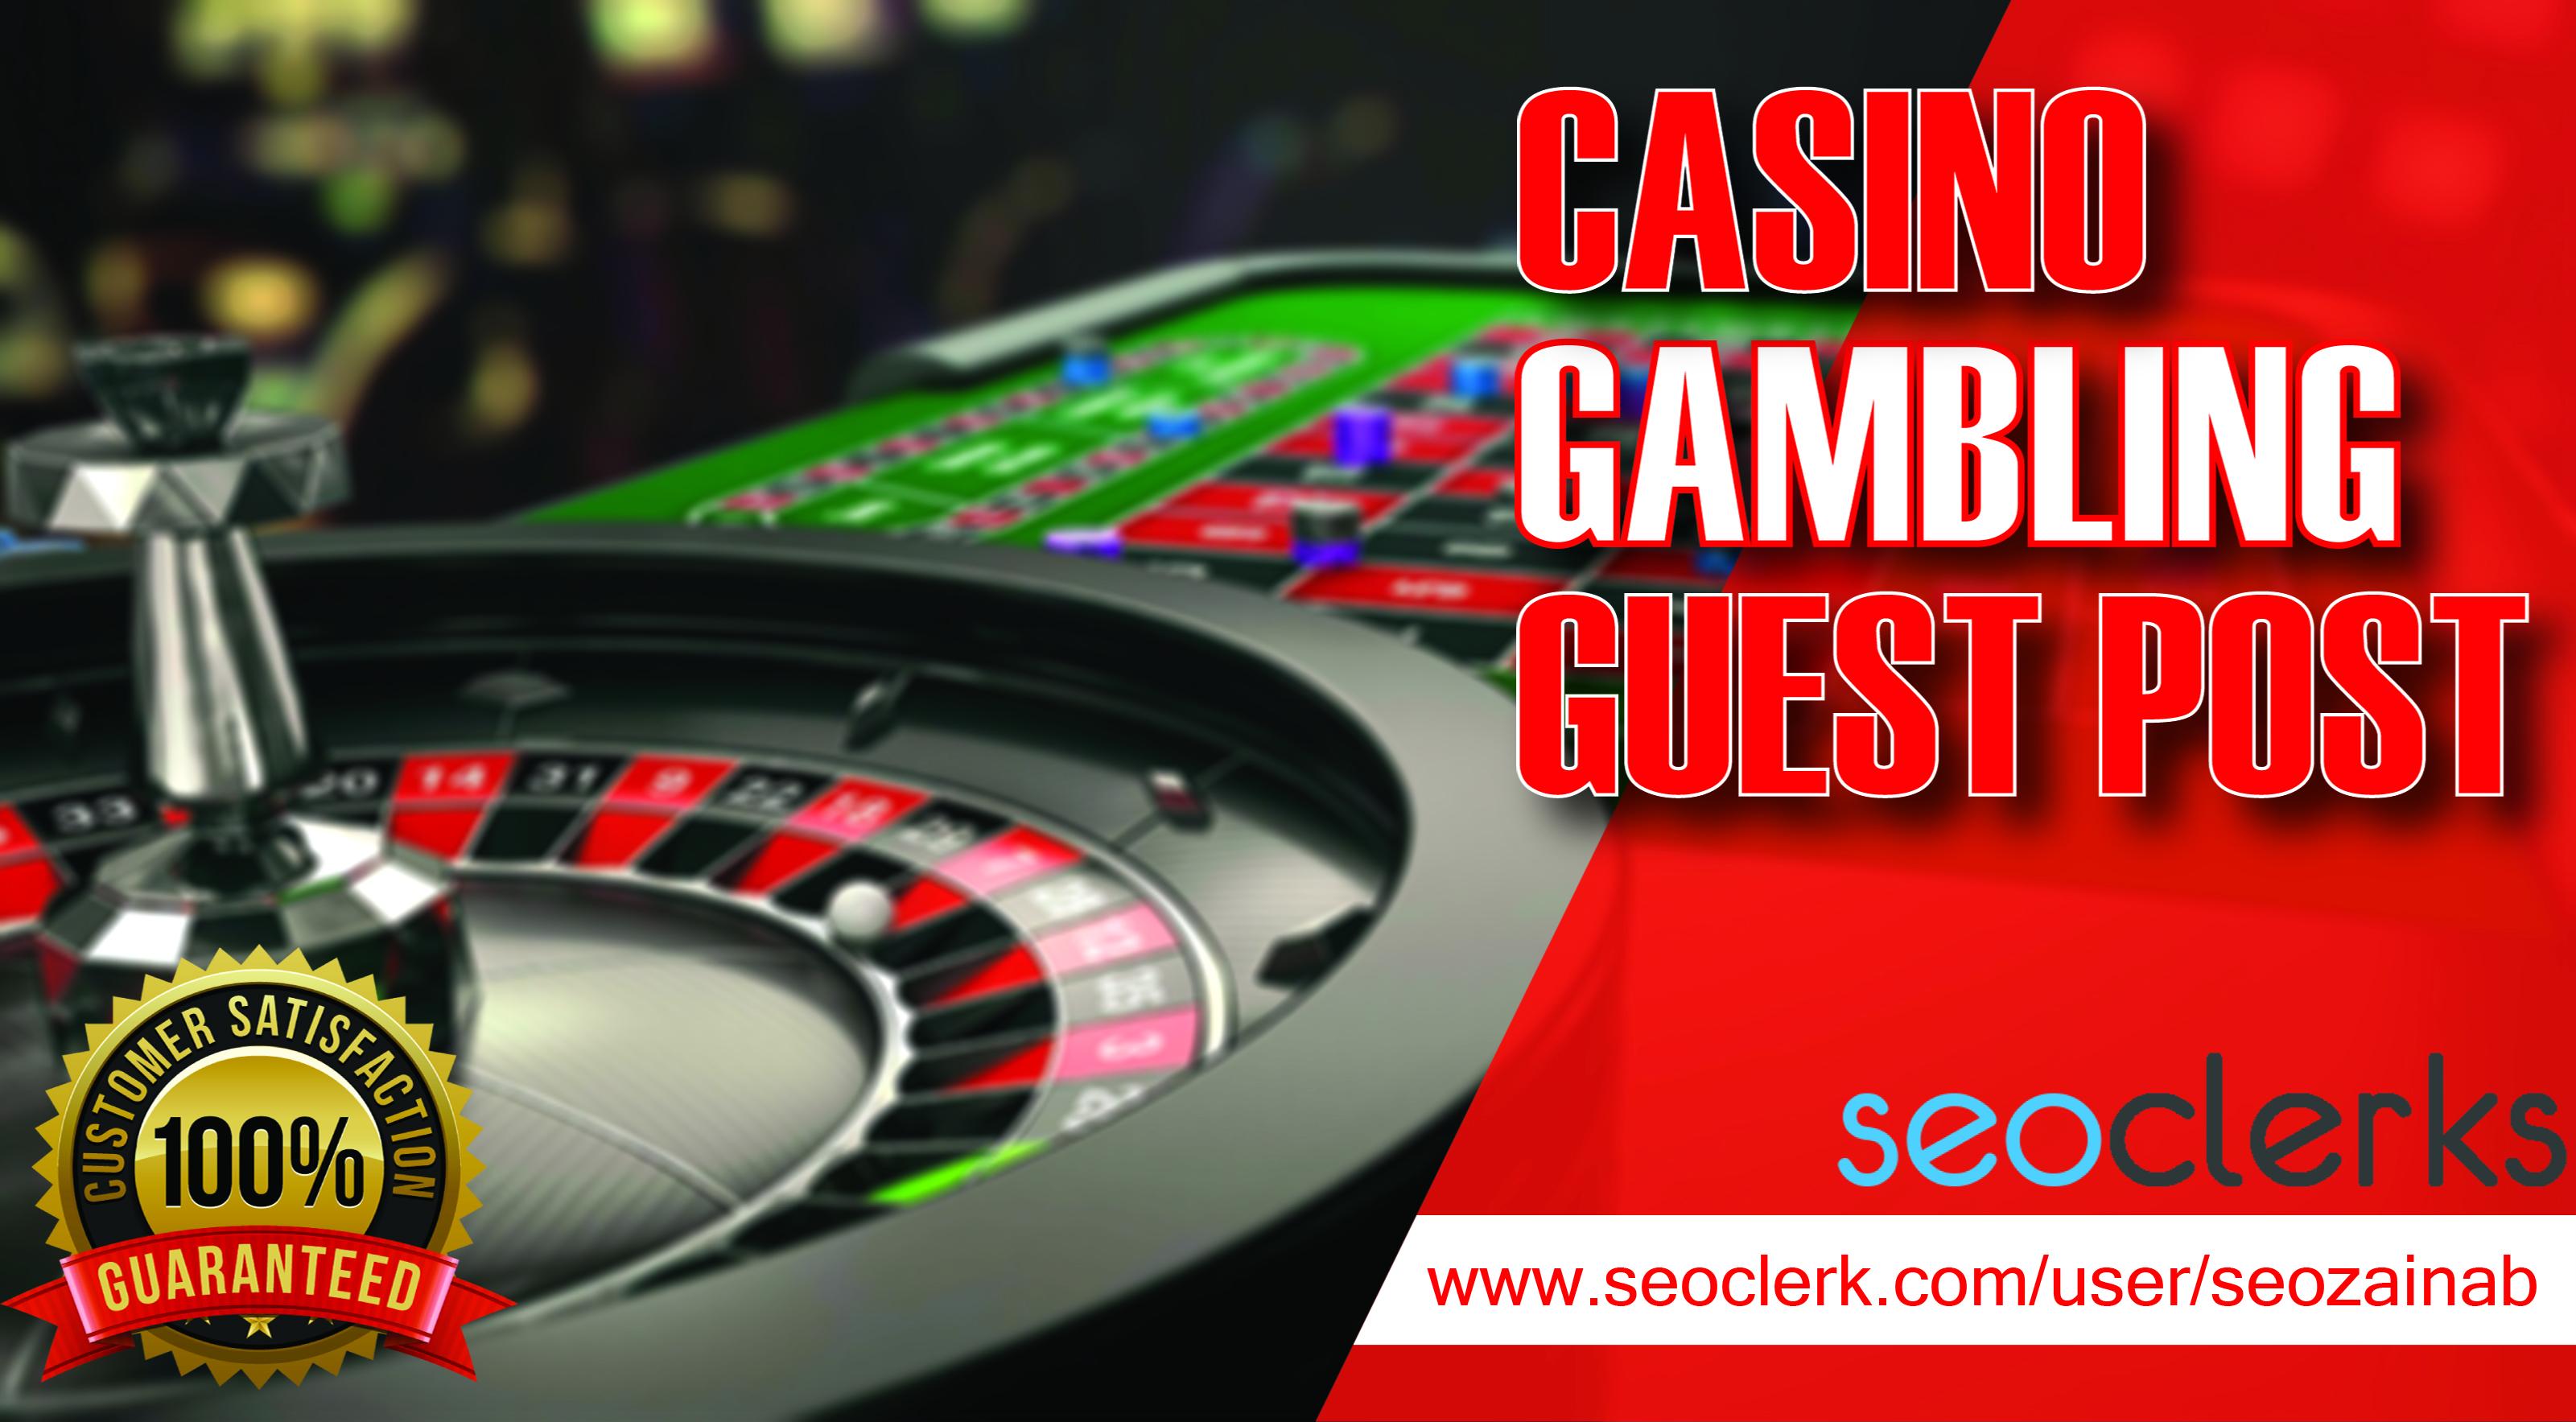 Casino & Gambling Guest Post Sites DA 20+ From Casino / Gambling / Poker / Betting / sports